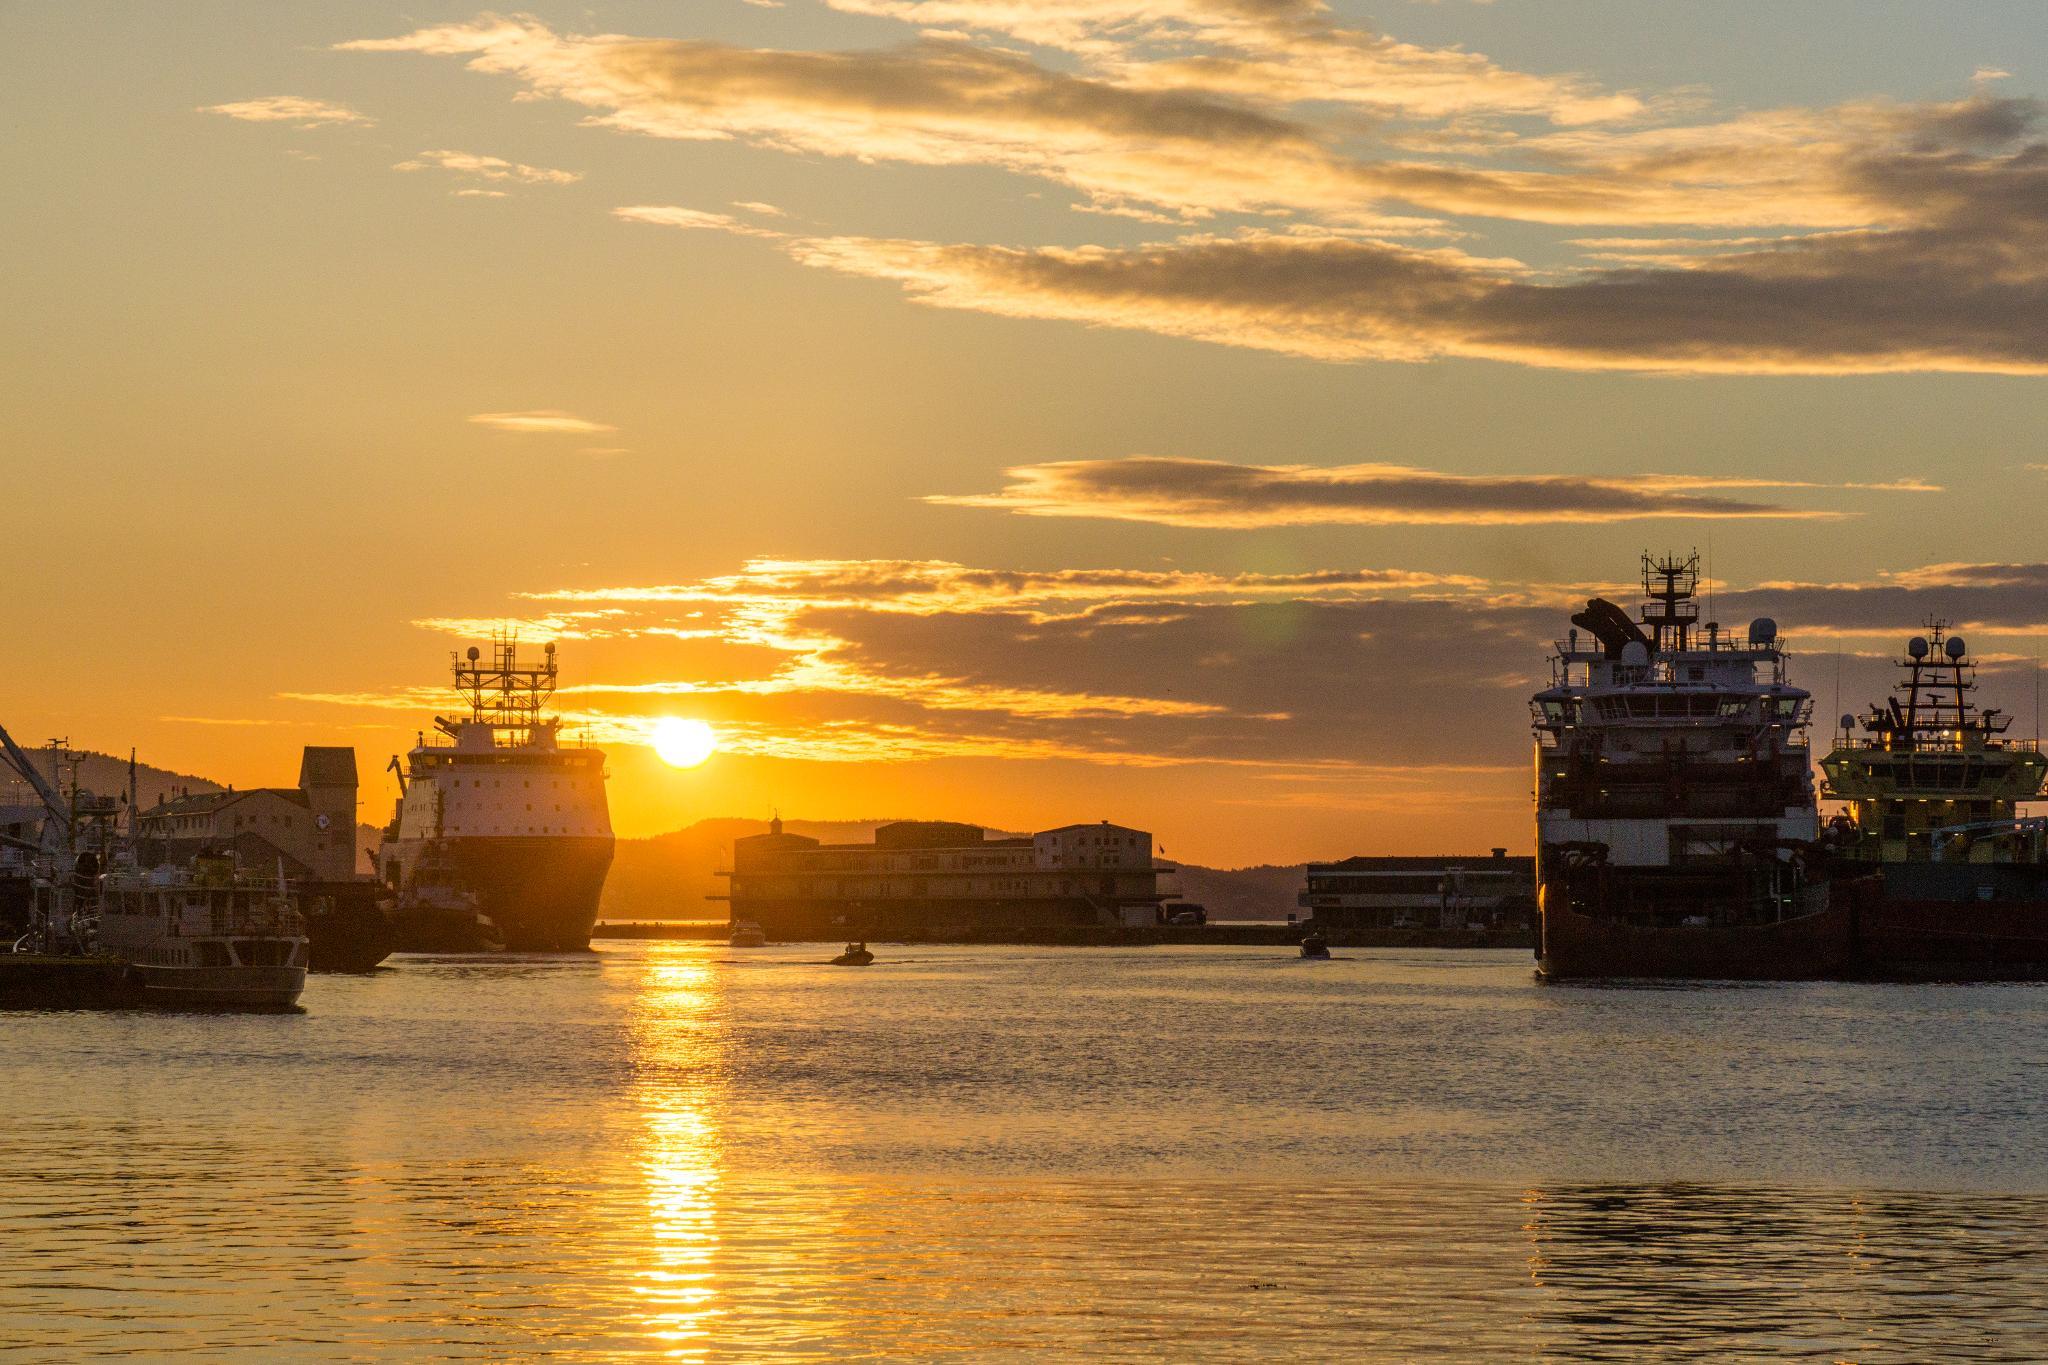 【卑爾根】Fløyen 佛洛伊恩山纜車與觀景台 — 擁抱文化港都的百萬美景 111